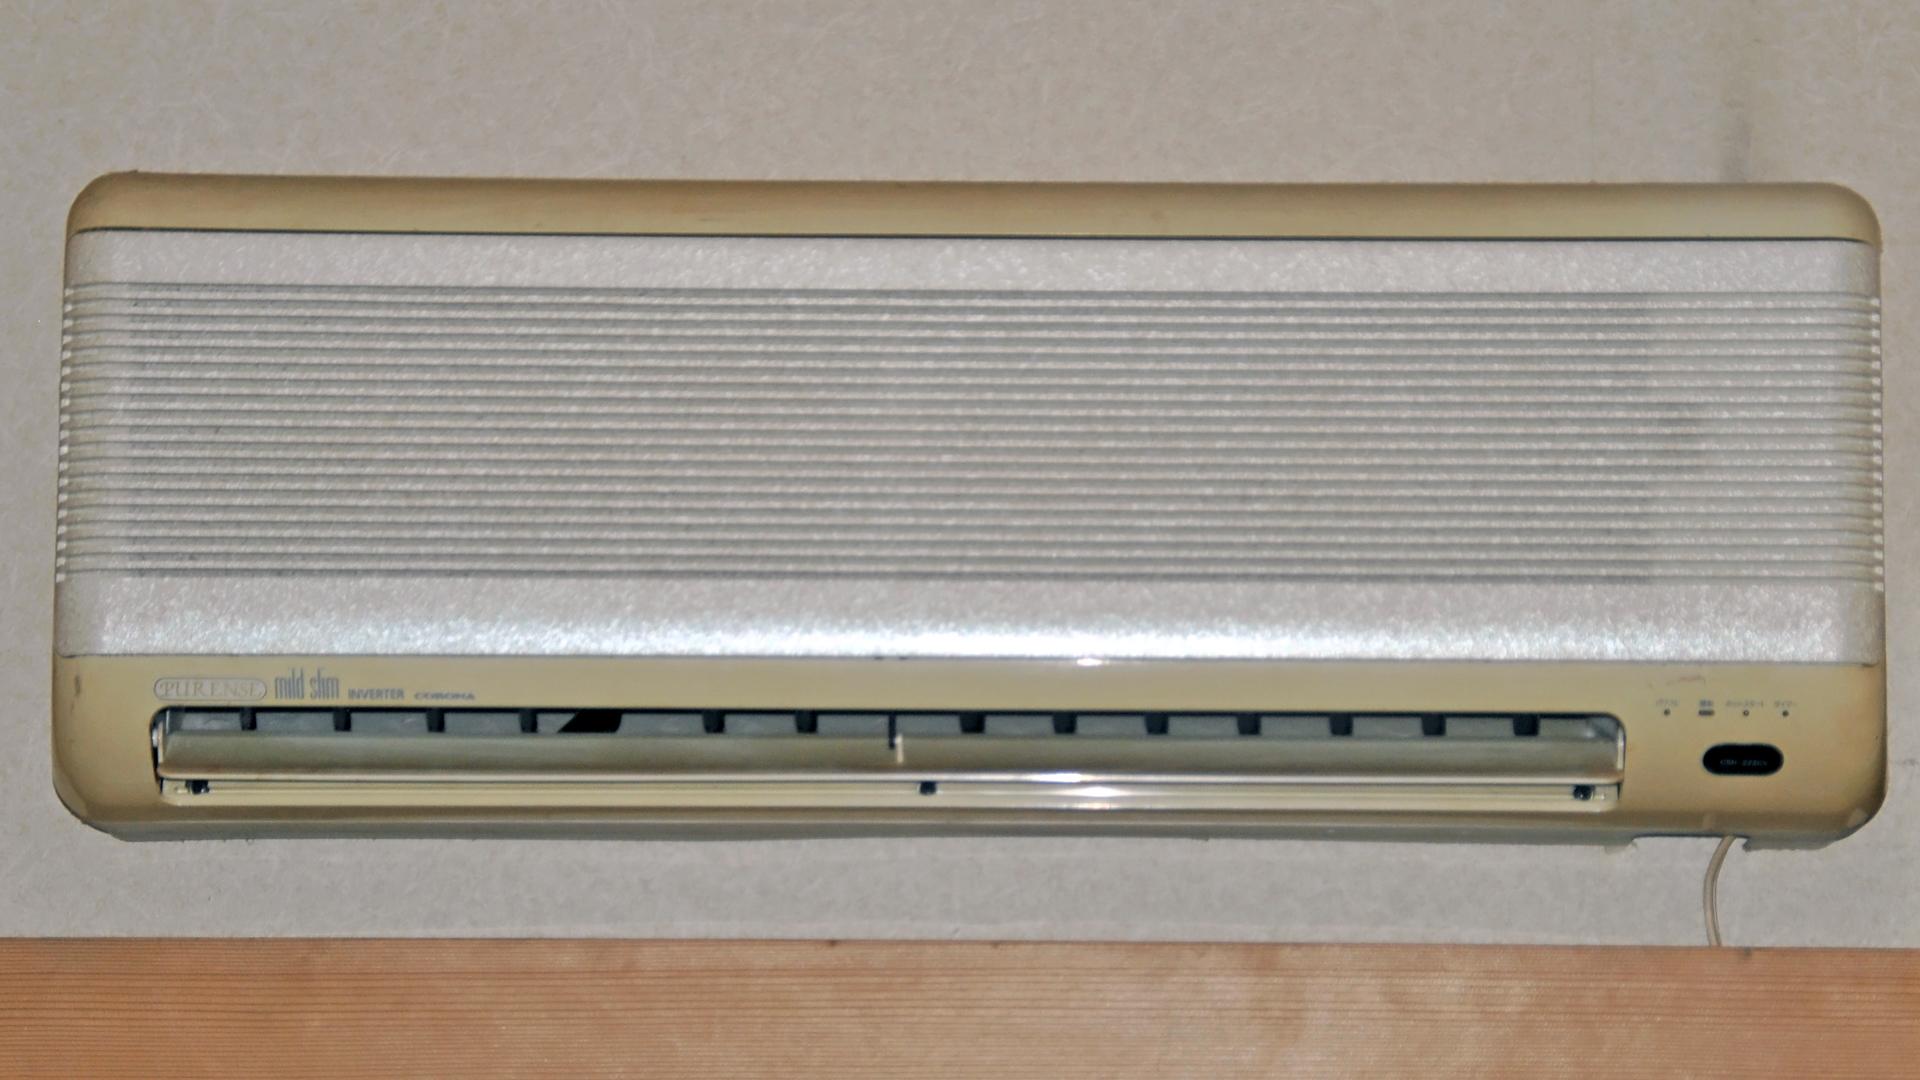 Klimaanlage – Wikipedia